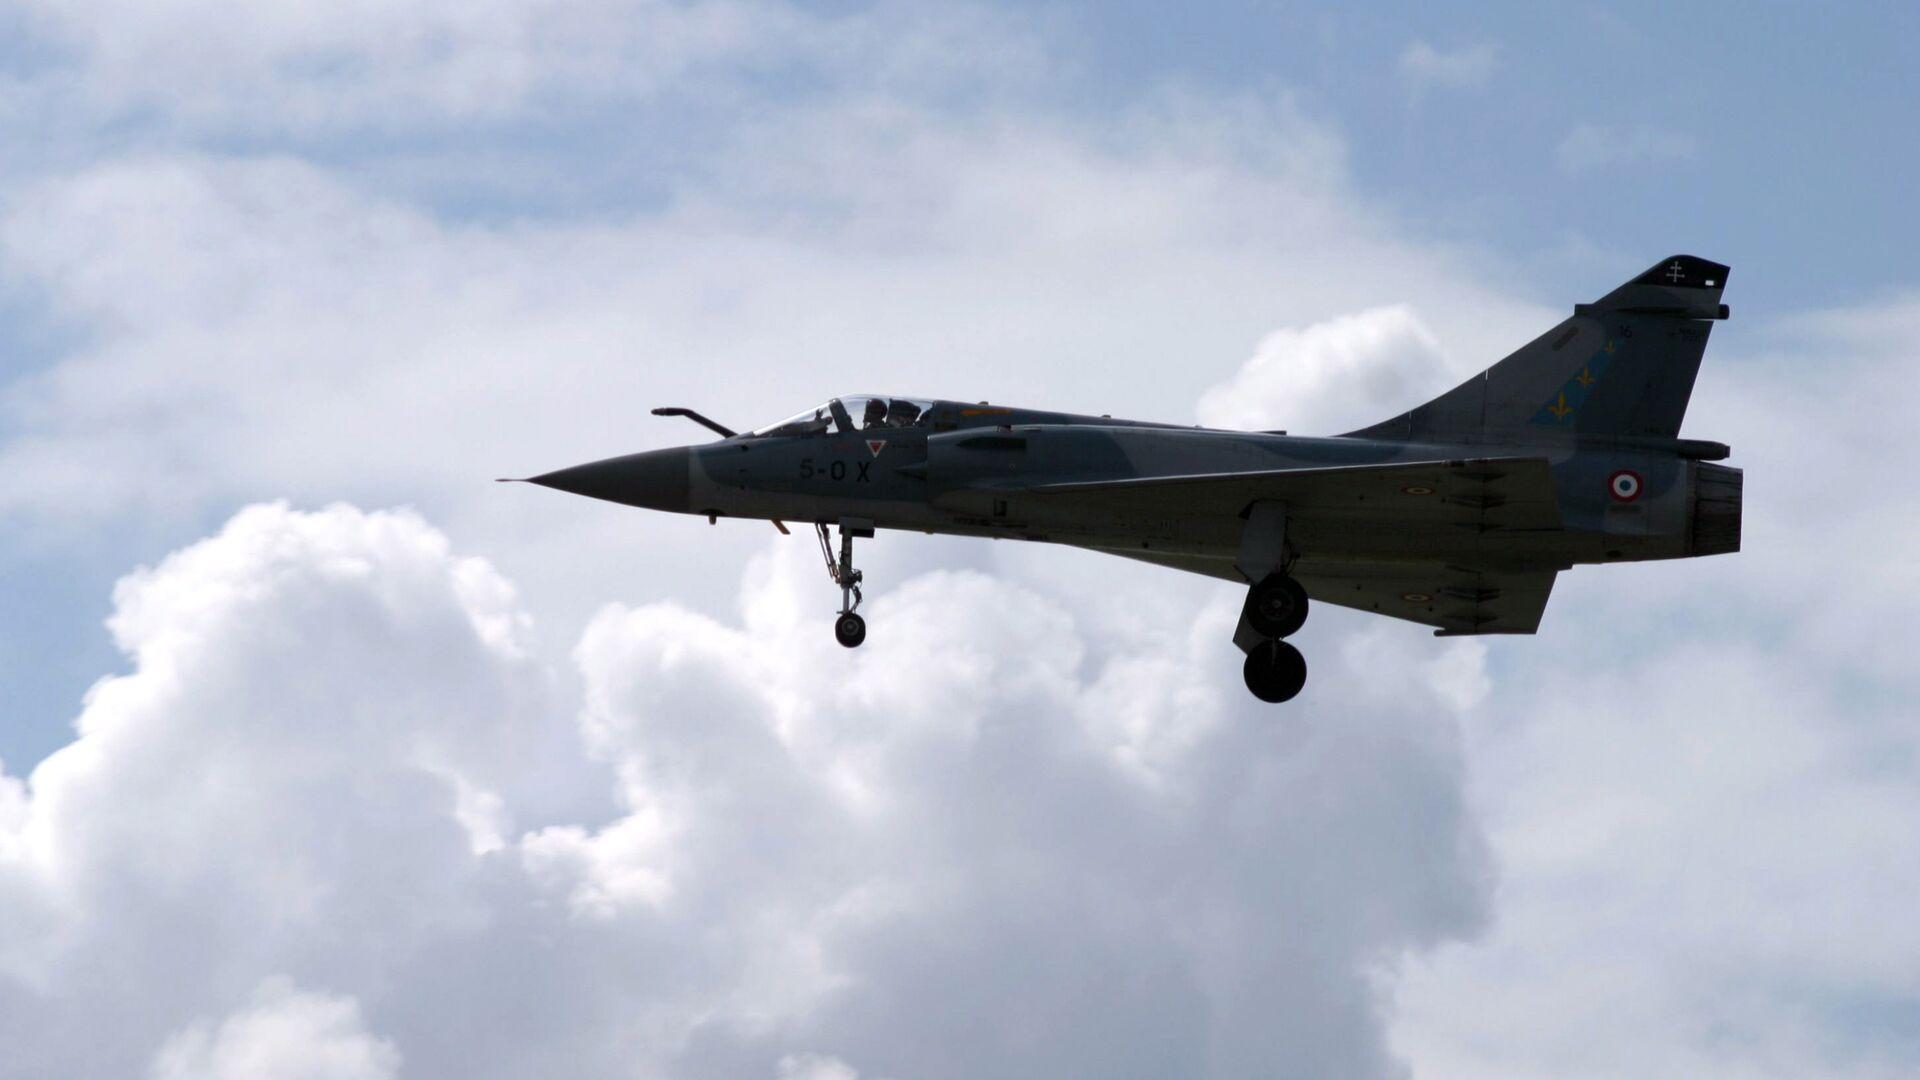 Французский истребитель Мираж-200 на МАКС-2005 - РИА Новости, 1920, 17.02.2021